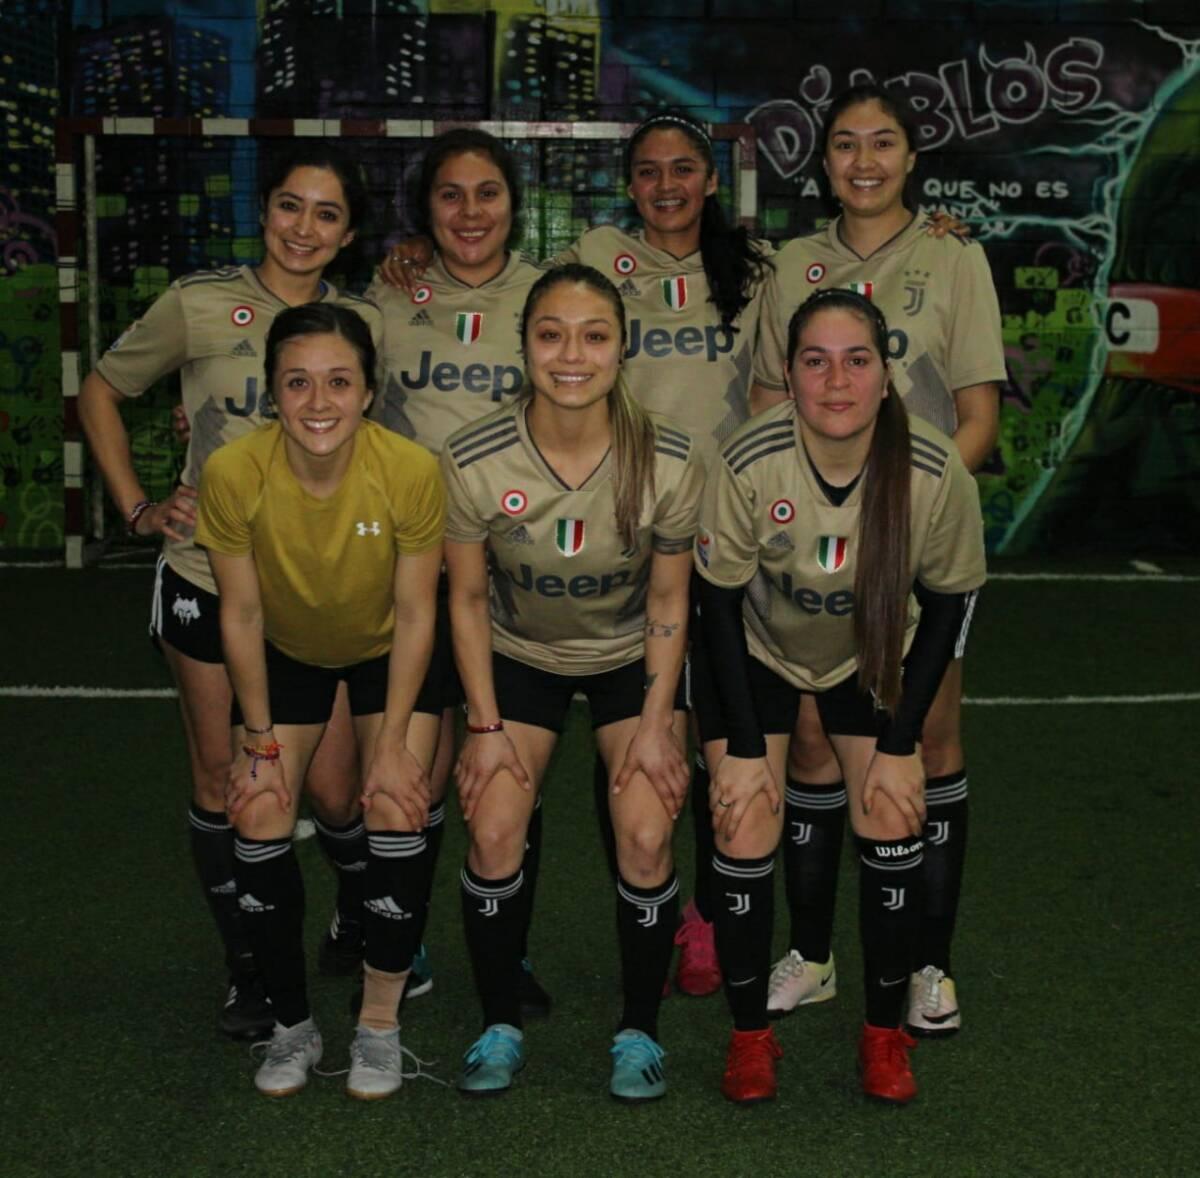 Ens soccer